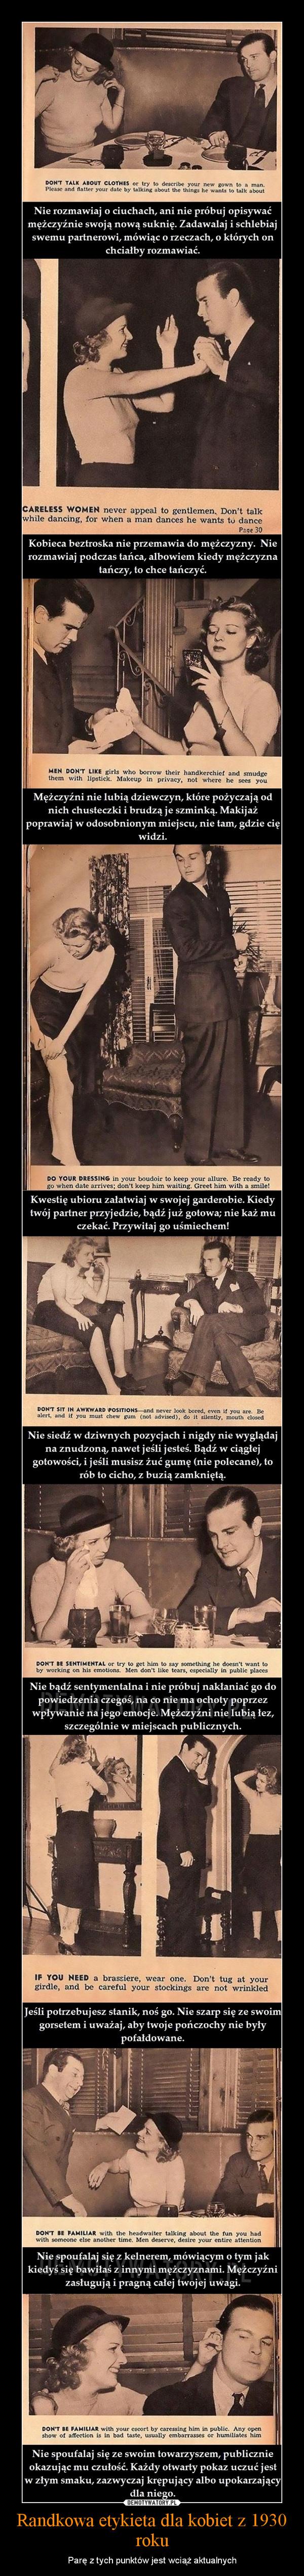 Randkowa etykieta dla kobiet z 1930 roku – Parę z tych punktów jest wciąż aktualnych